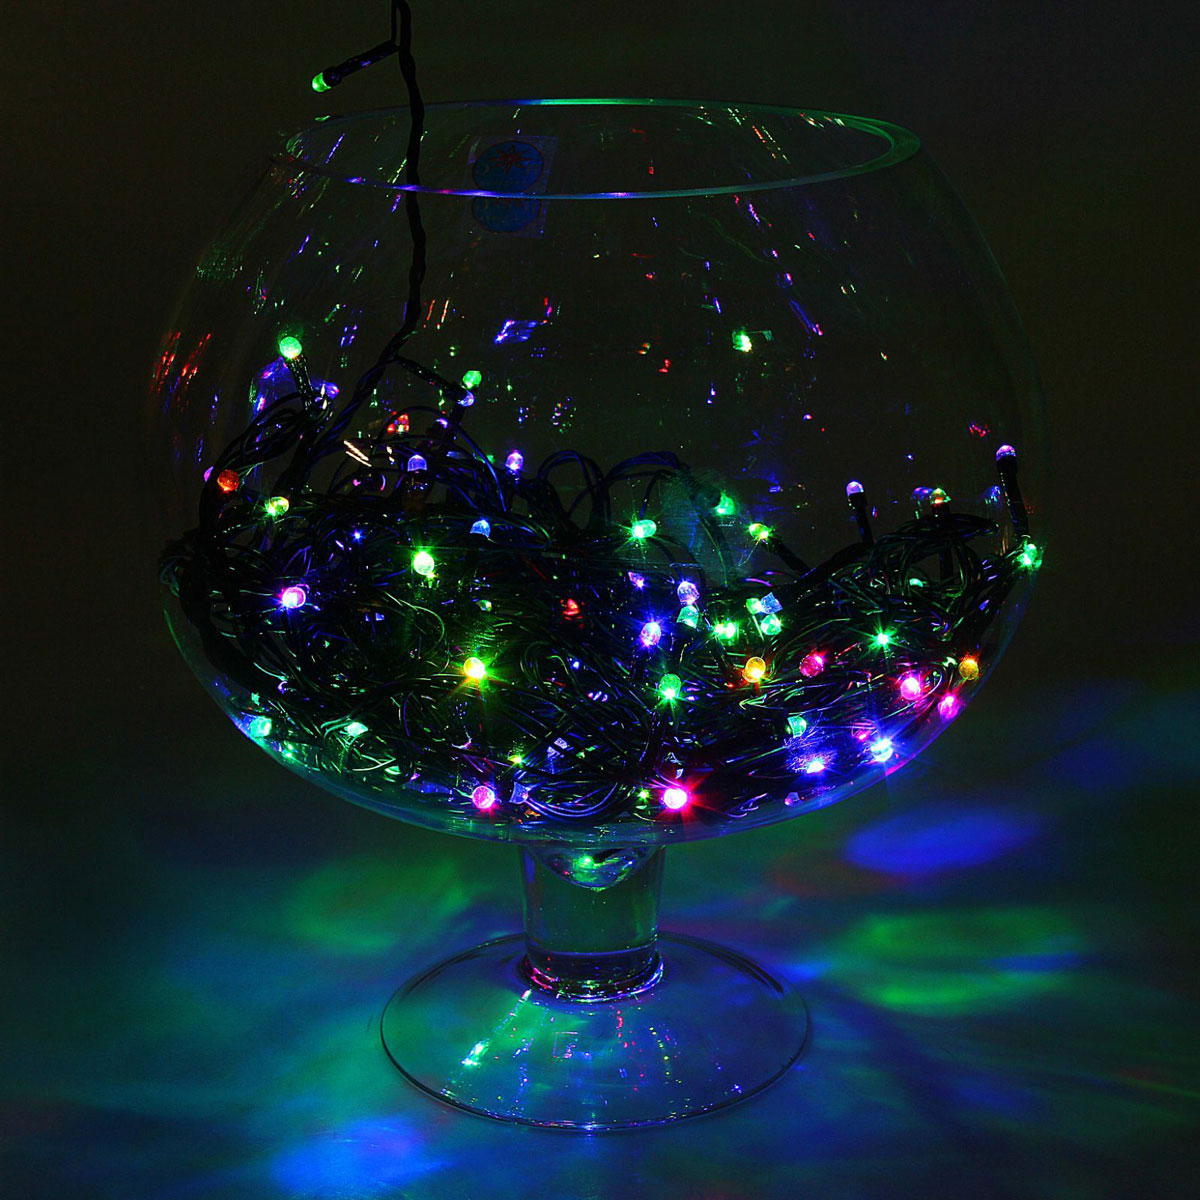 Гирлянда светодиодная Luazon Метраж, цвет: мультиколор, 150 ламп, 220 V, длина 13 м. 10803551080355Светодиодные гирлянды и ленты — это отличный вариант для новогоднего оформления интерьера или фасада. С их помощью помещение любого размера можно превратить в праздничный зал, а внешние элементы зданий, украшенные ими, мгновенно станут напоминать очертания сказочного дворца. Такие украшения создают ауру предвкушения чуда. Деревья, фасады, витрины, окна и арки будто специально созданы, чтобы вы украсили их светящимися нитями.